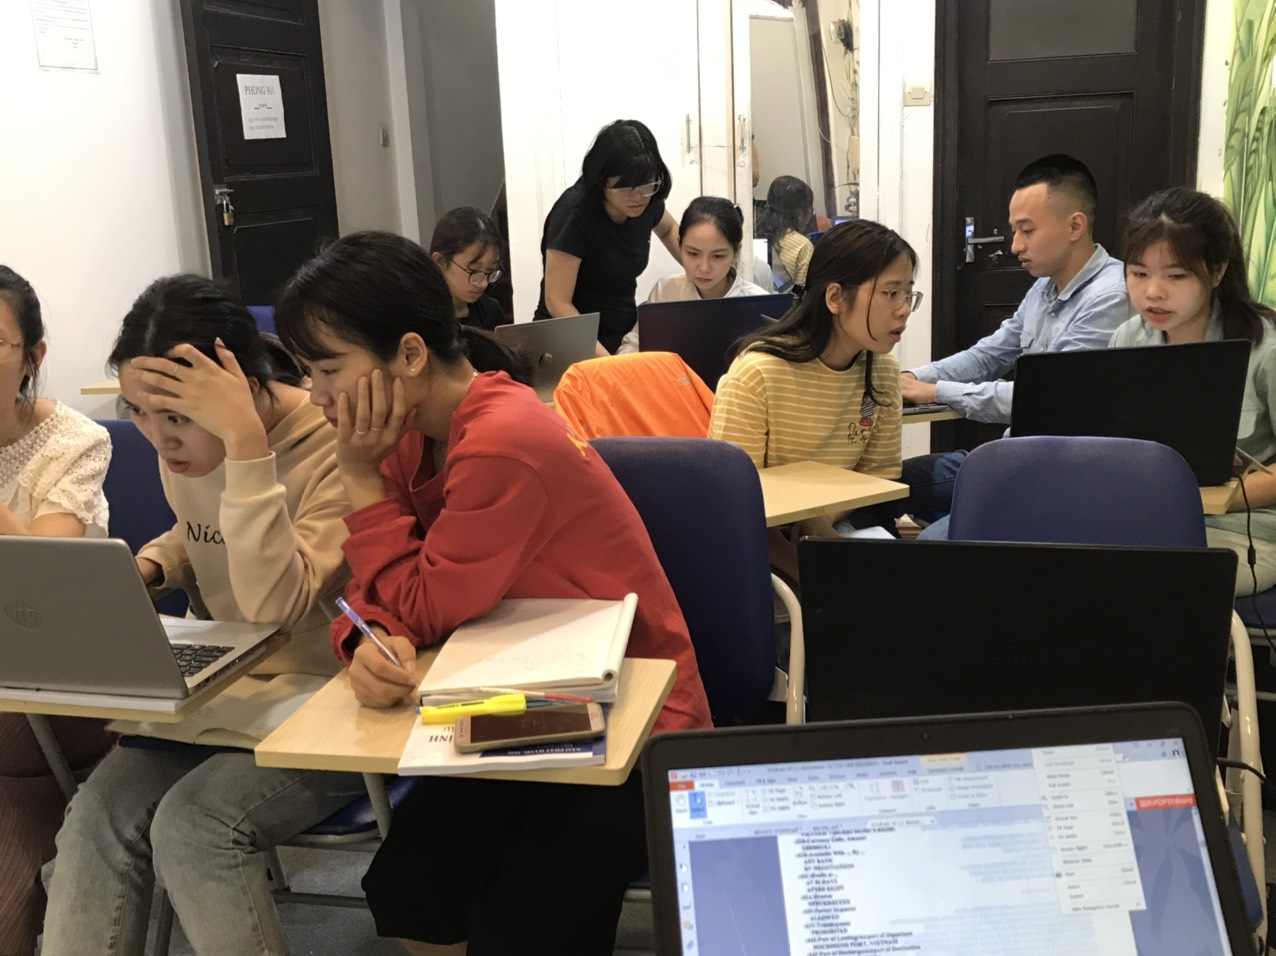 Lớp học nghiệp vụ hành chính nhân sự tại VinaTrain (Nguồn: VinaTrain)